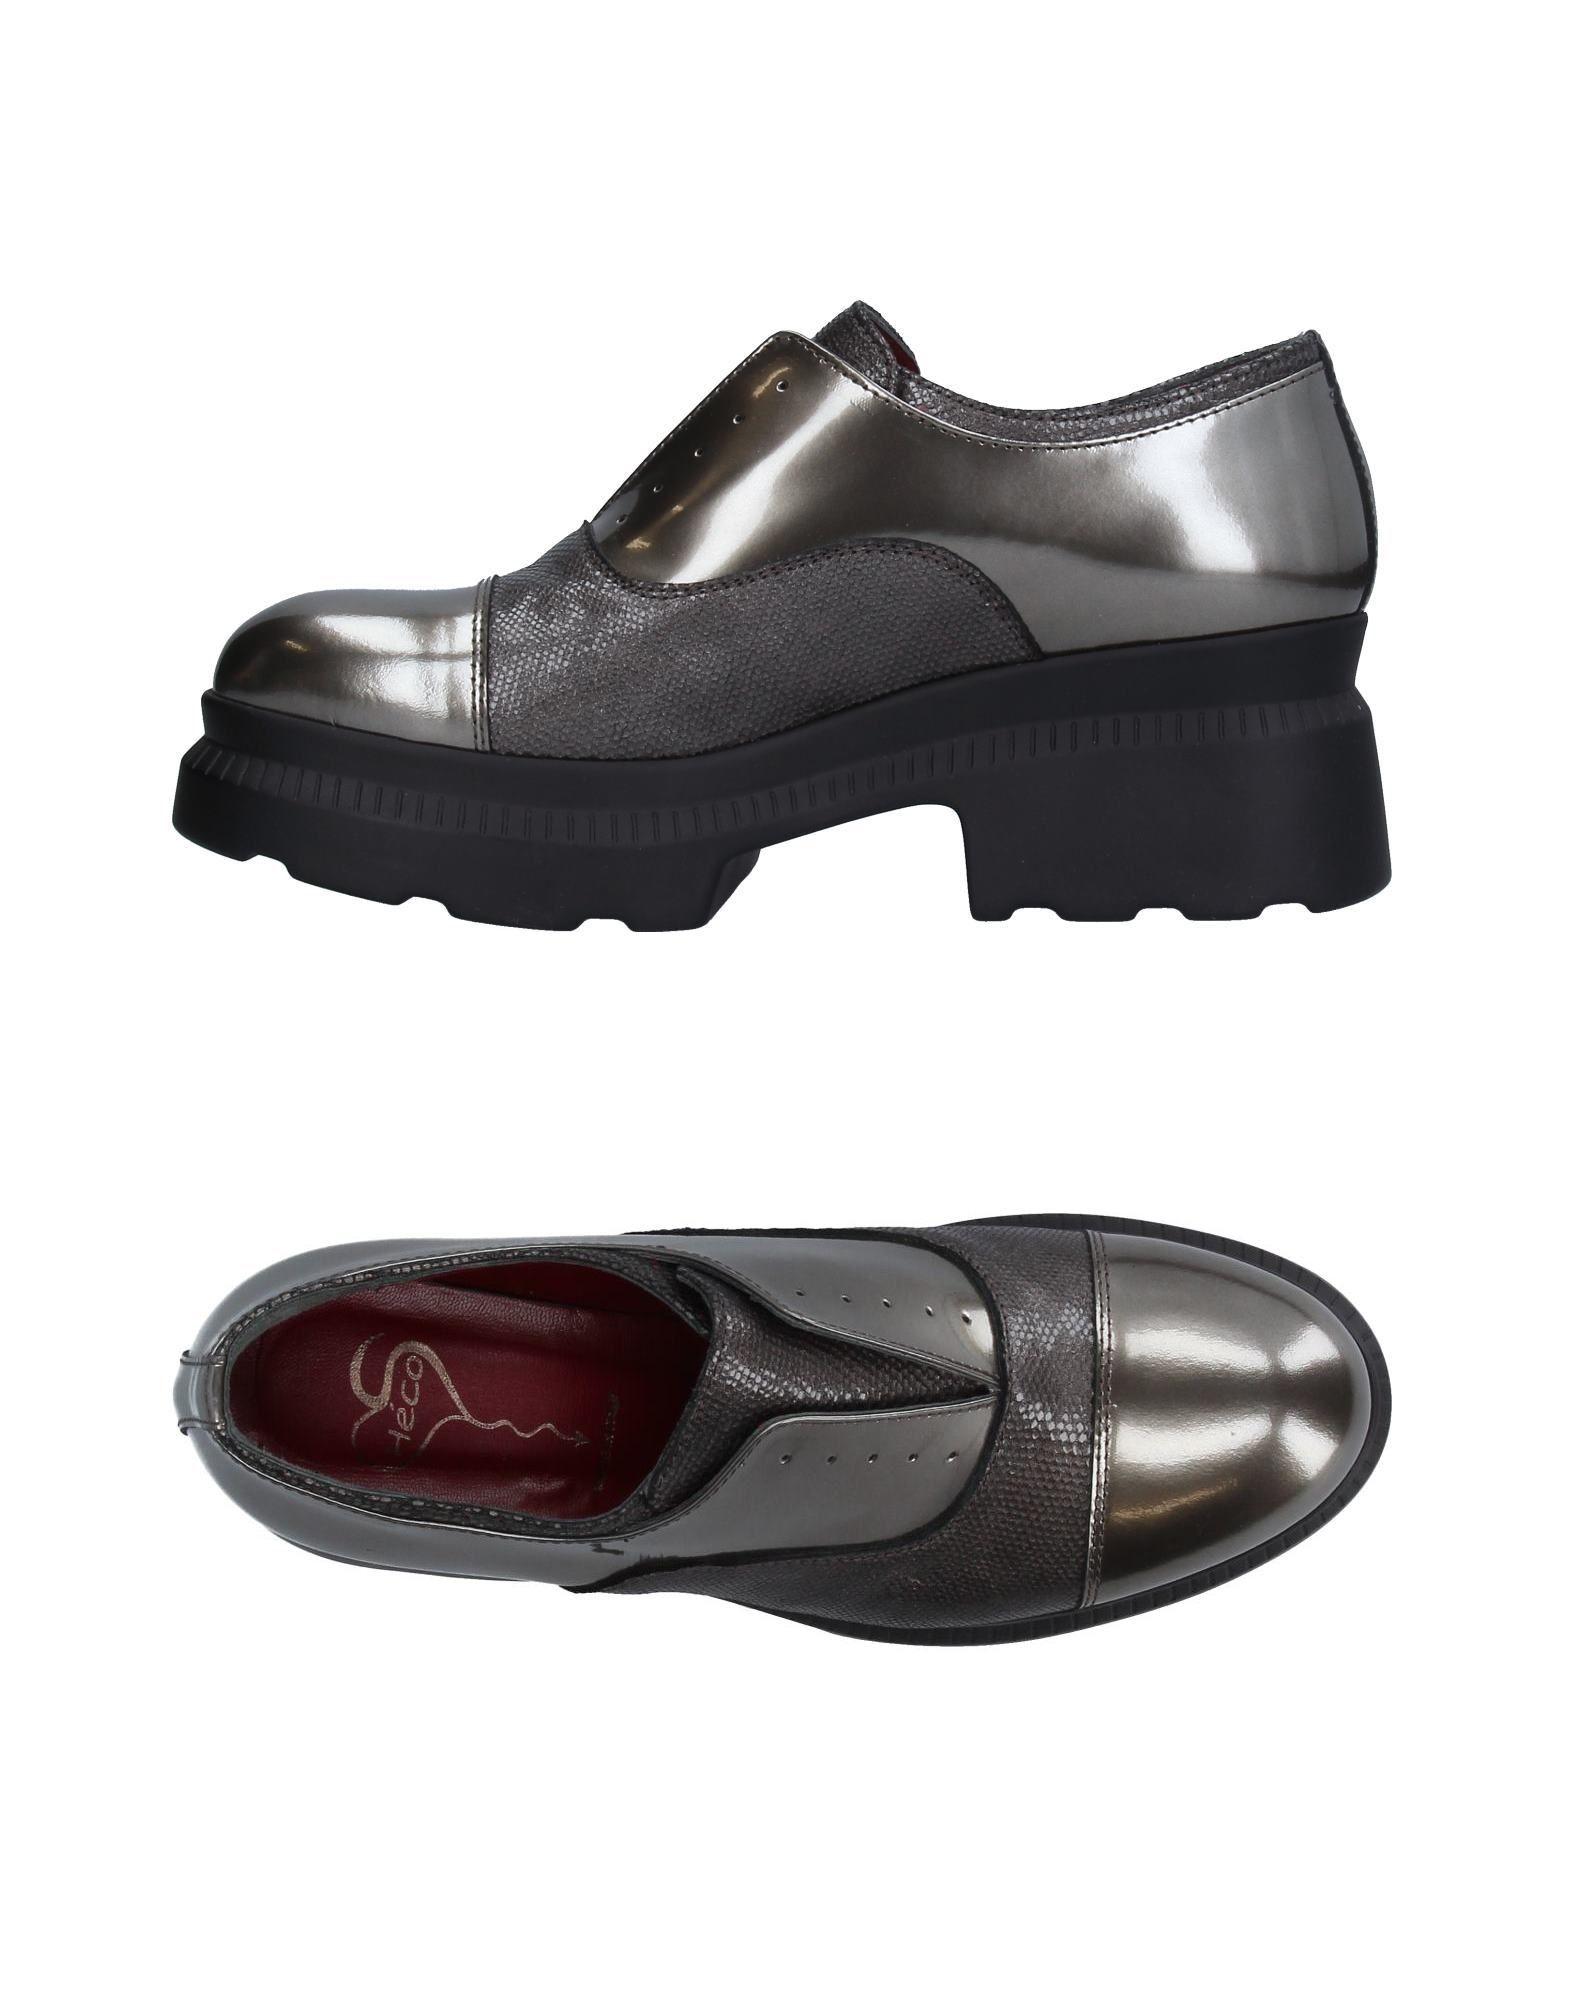 Hécos Mokassins Damen  11249713MC Gute Qualität beliebte Schuhe